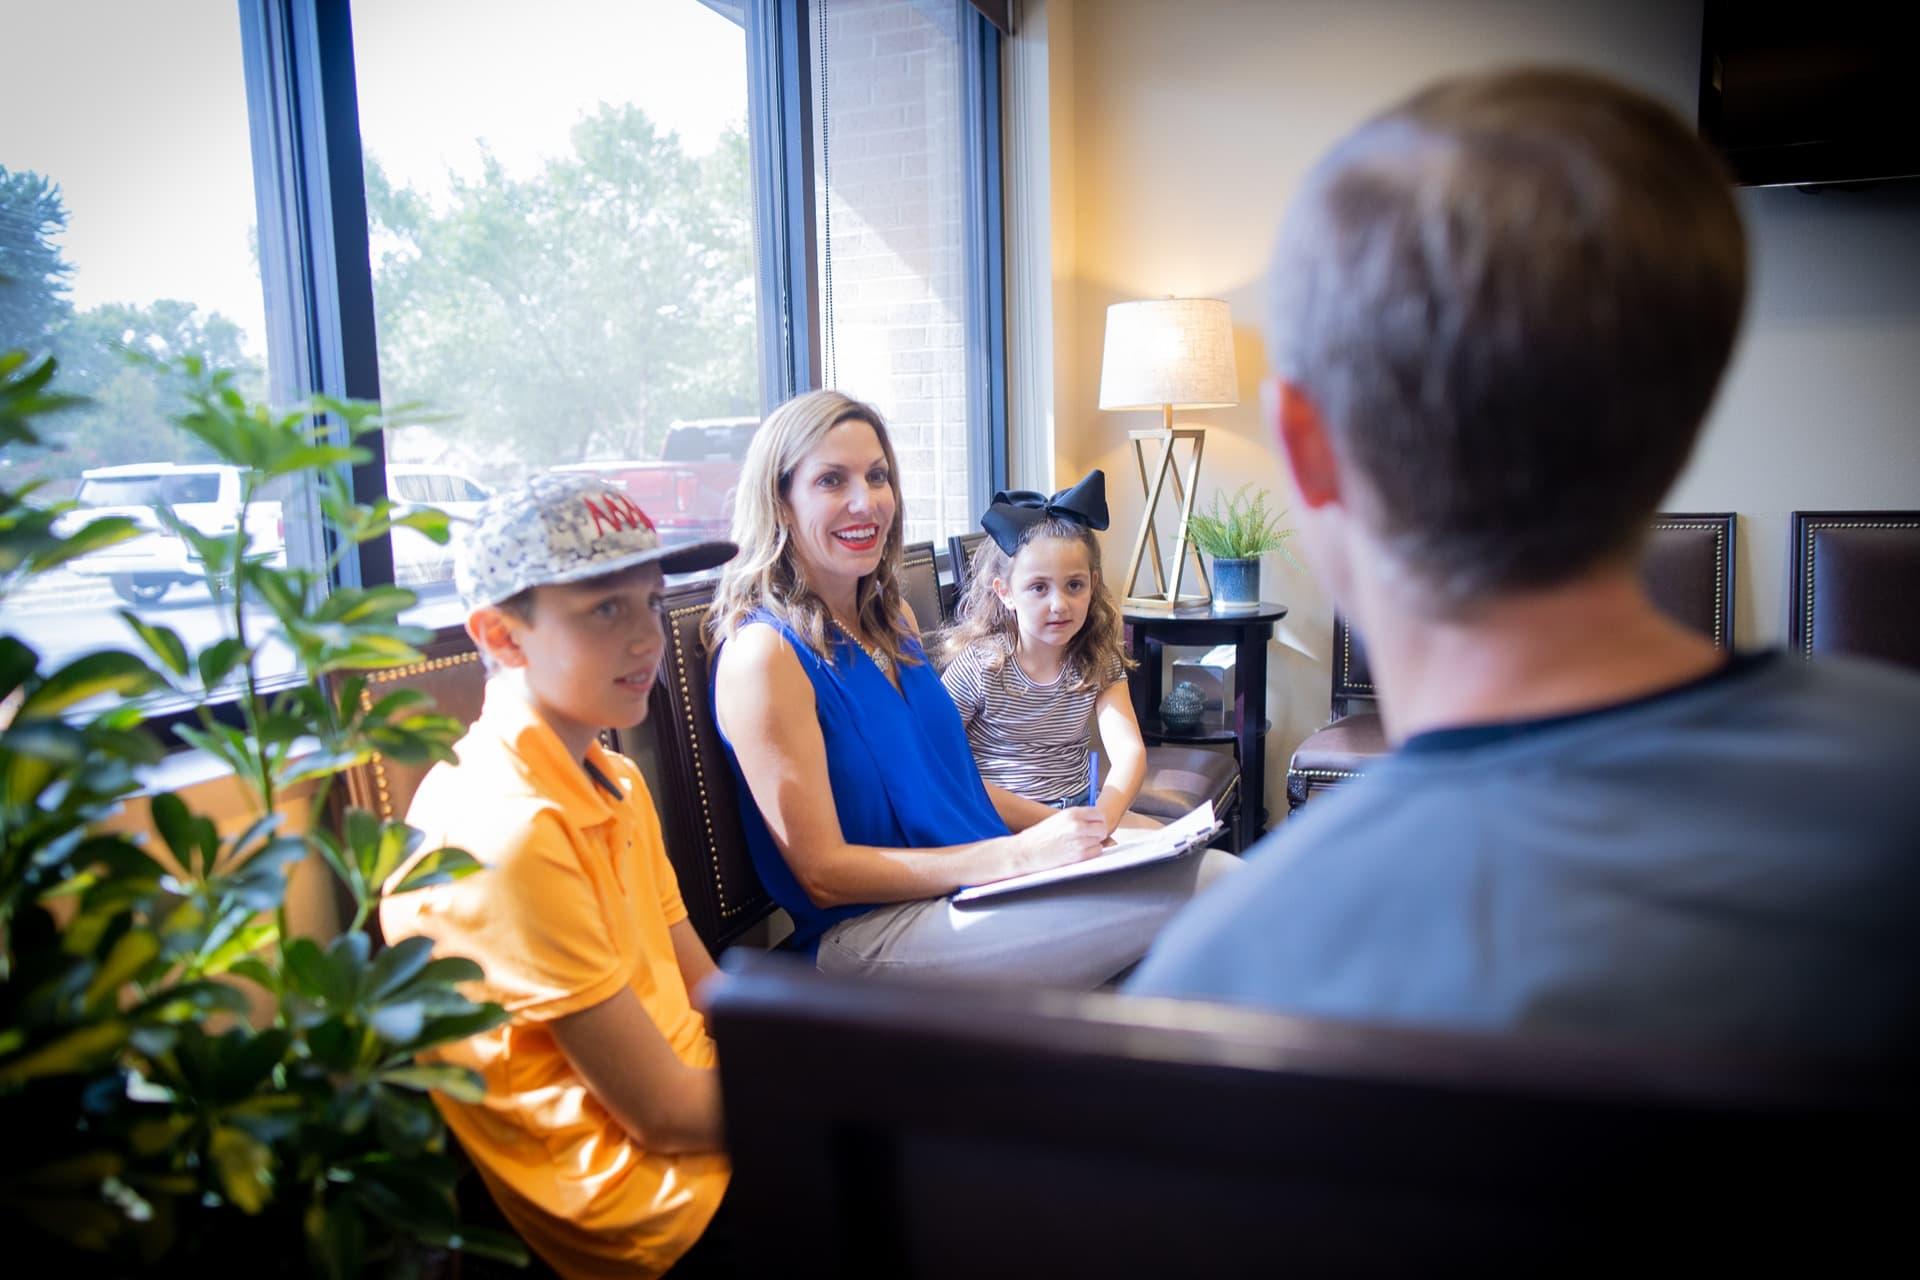 patients wisener cooper fergus dental dentist in rogers ar 2019 42 - Wisdom Teeth